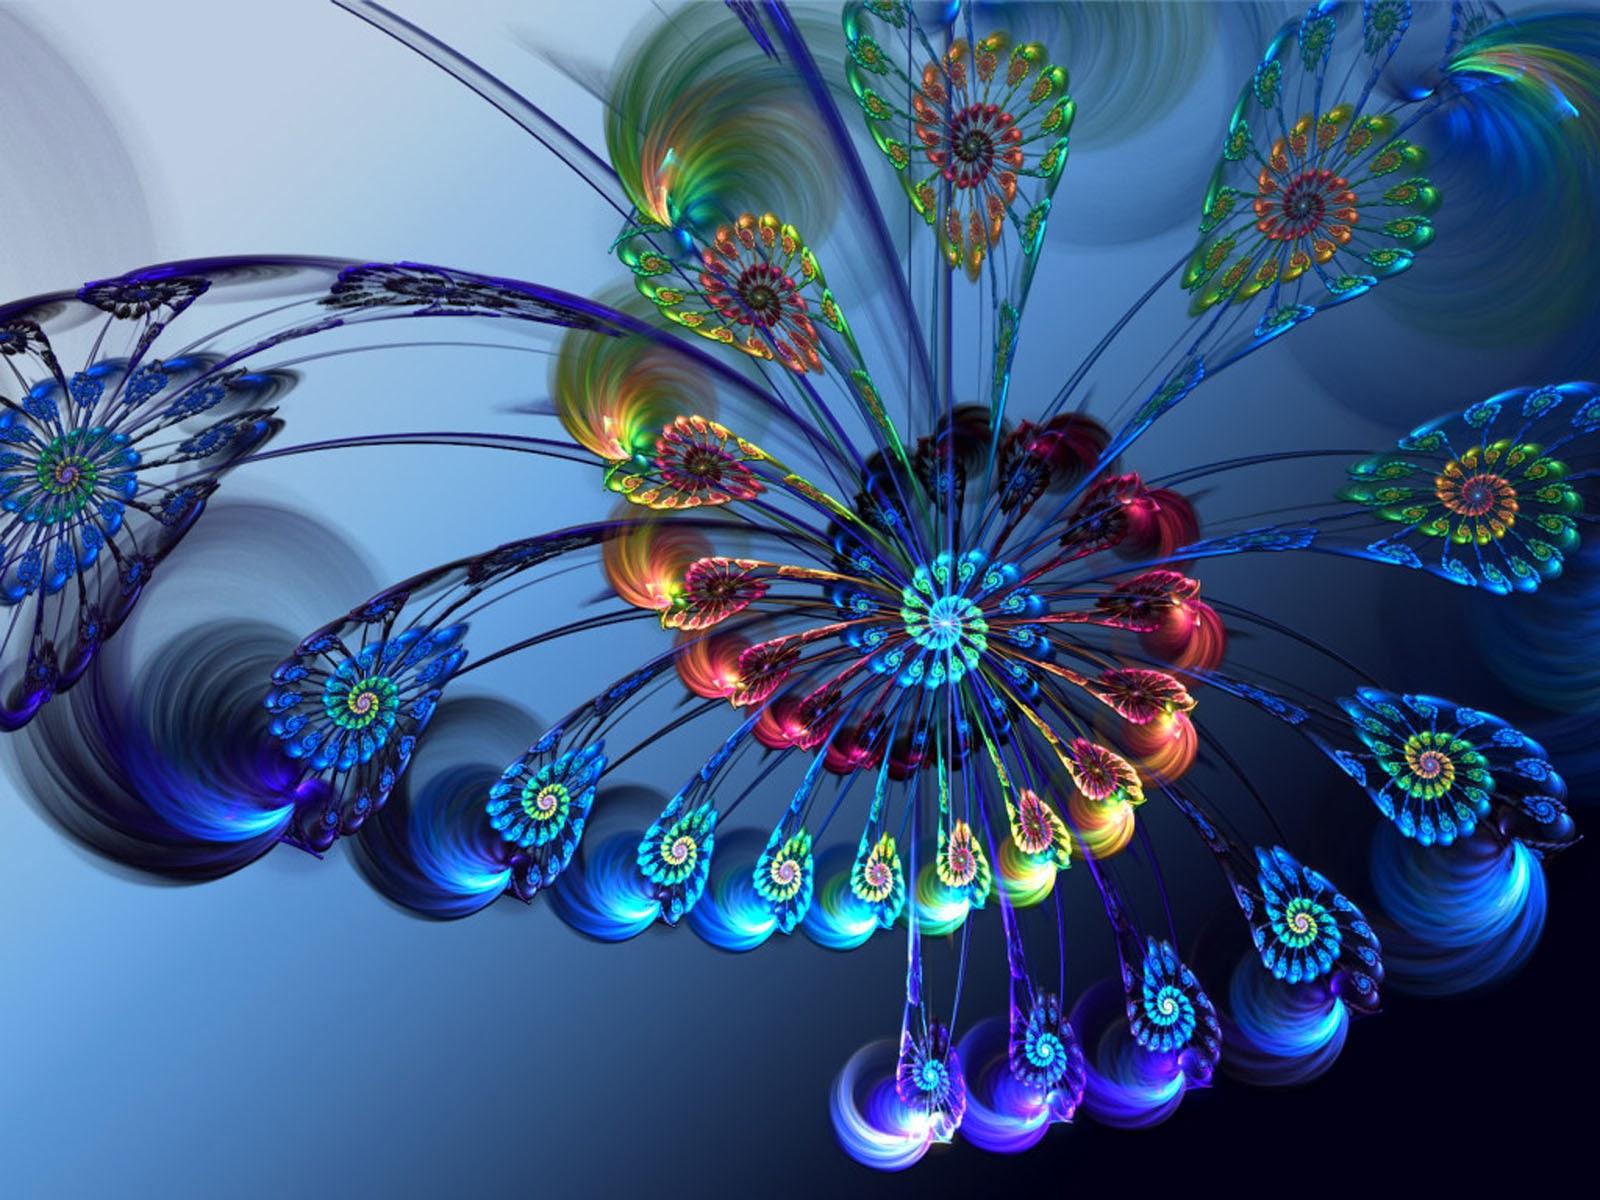 3D Flowers Wallpapers - Top Wallpaper Desktop